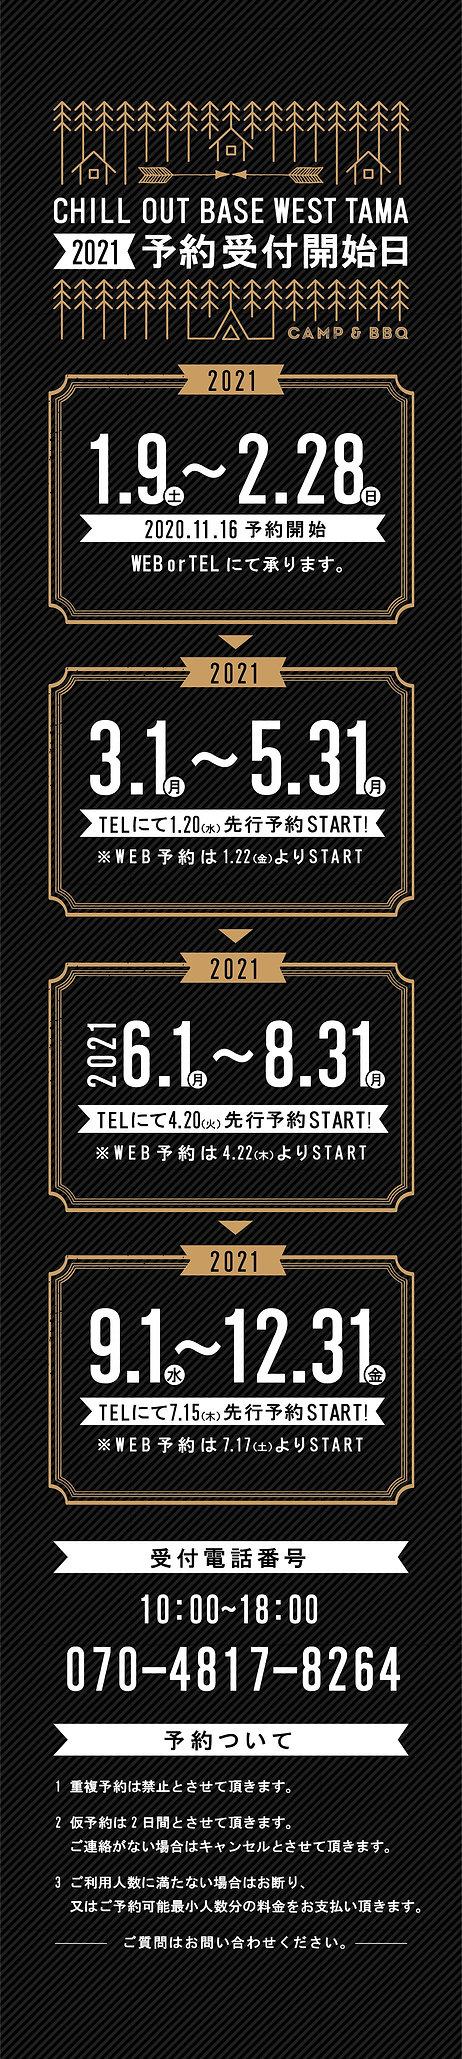 ちる告知2021-01.jpg